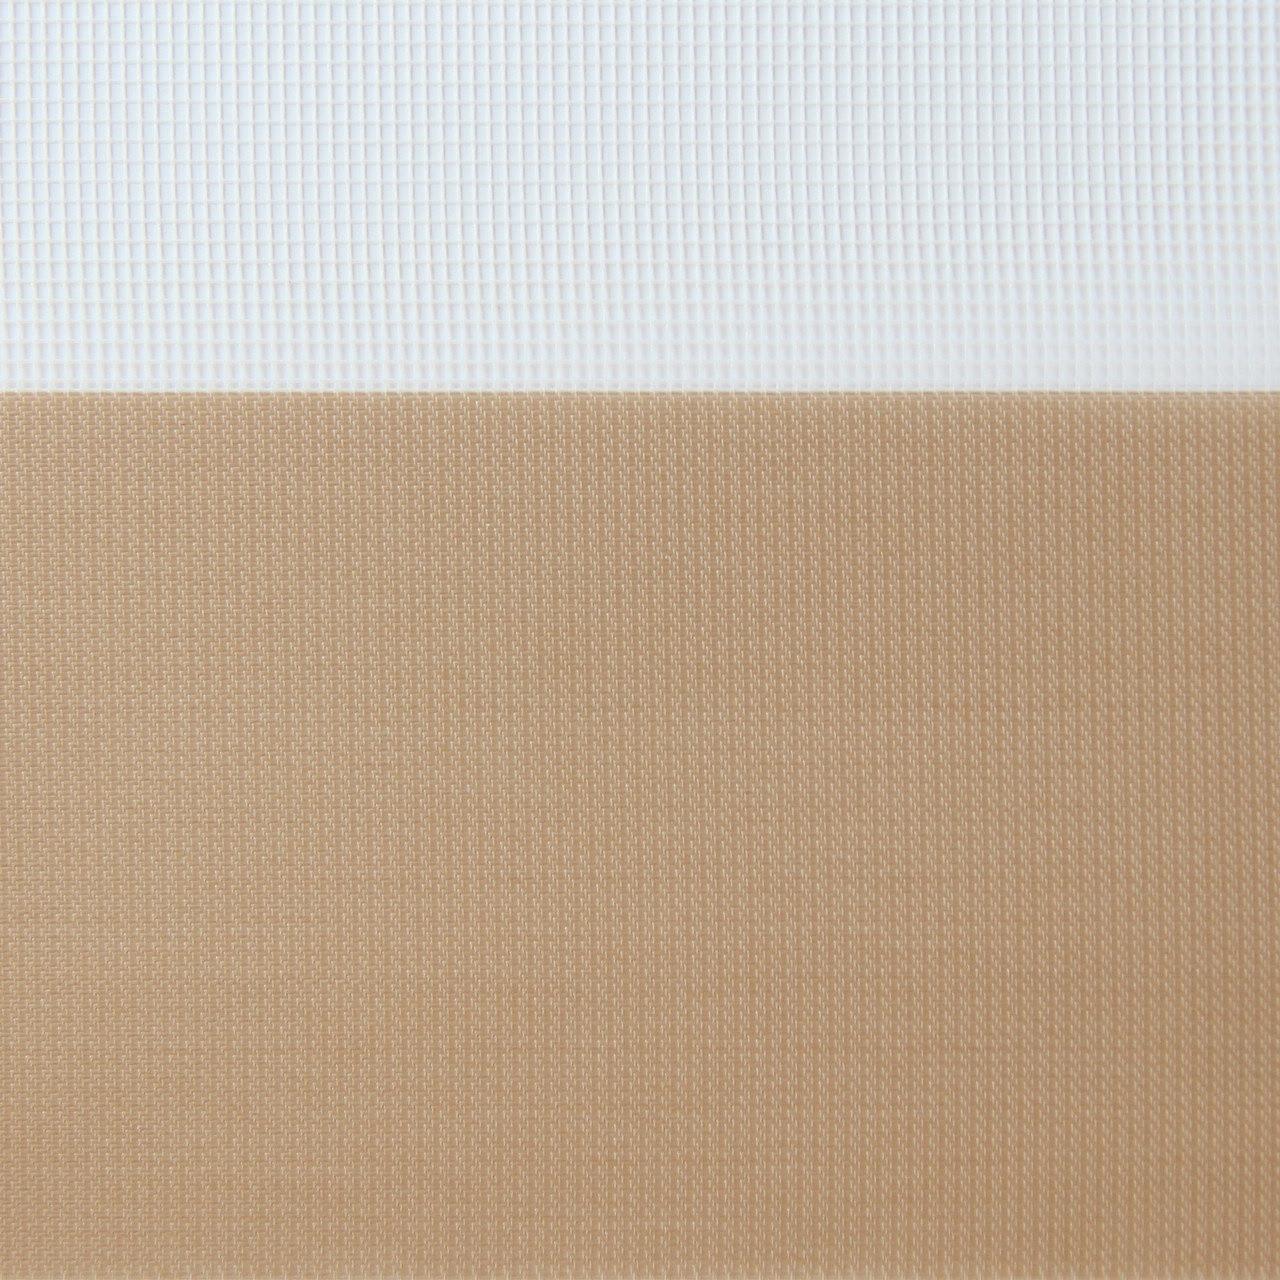 Готові рулонні штори Тканина Z-063 Темно-бежевий